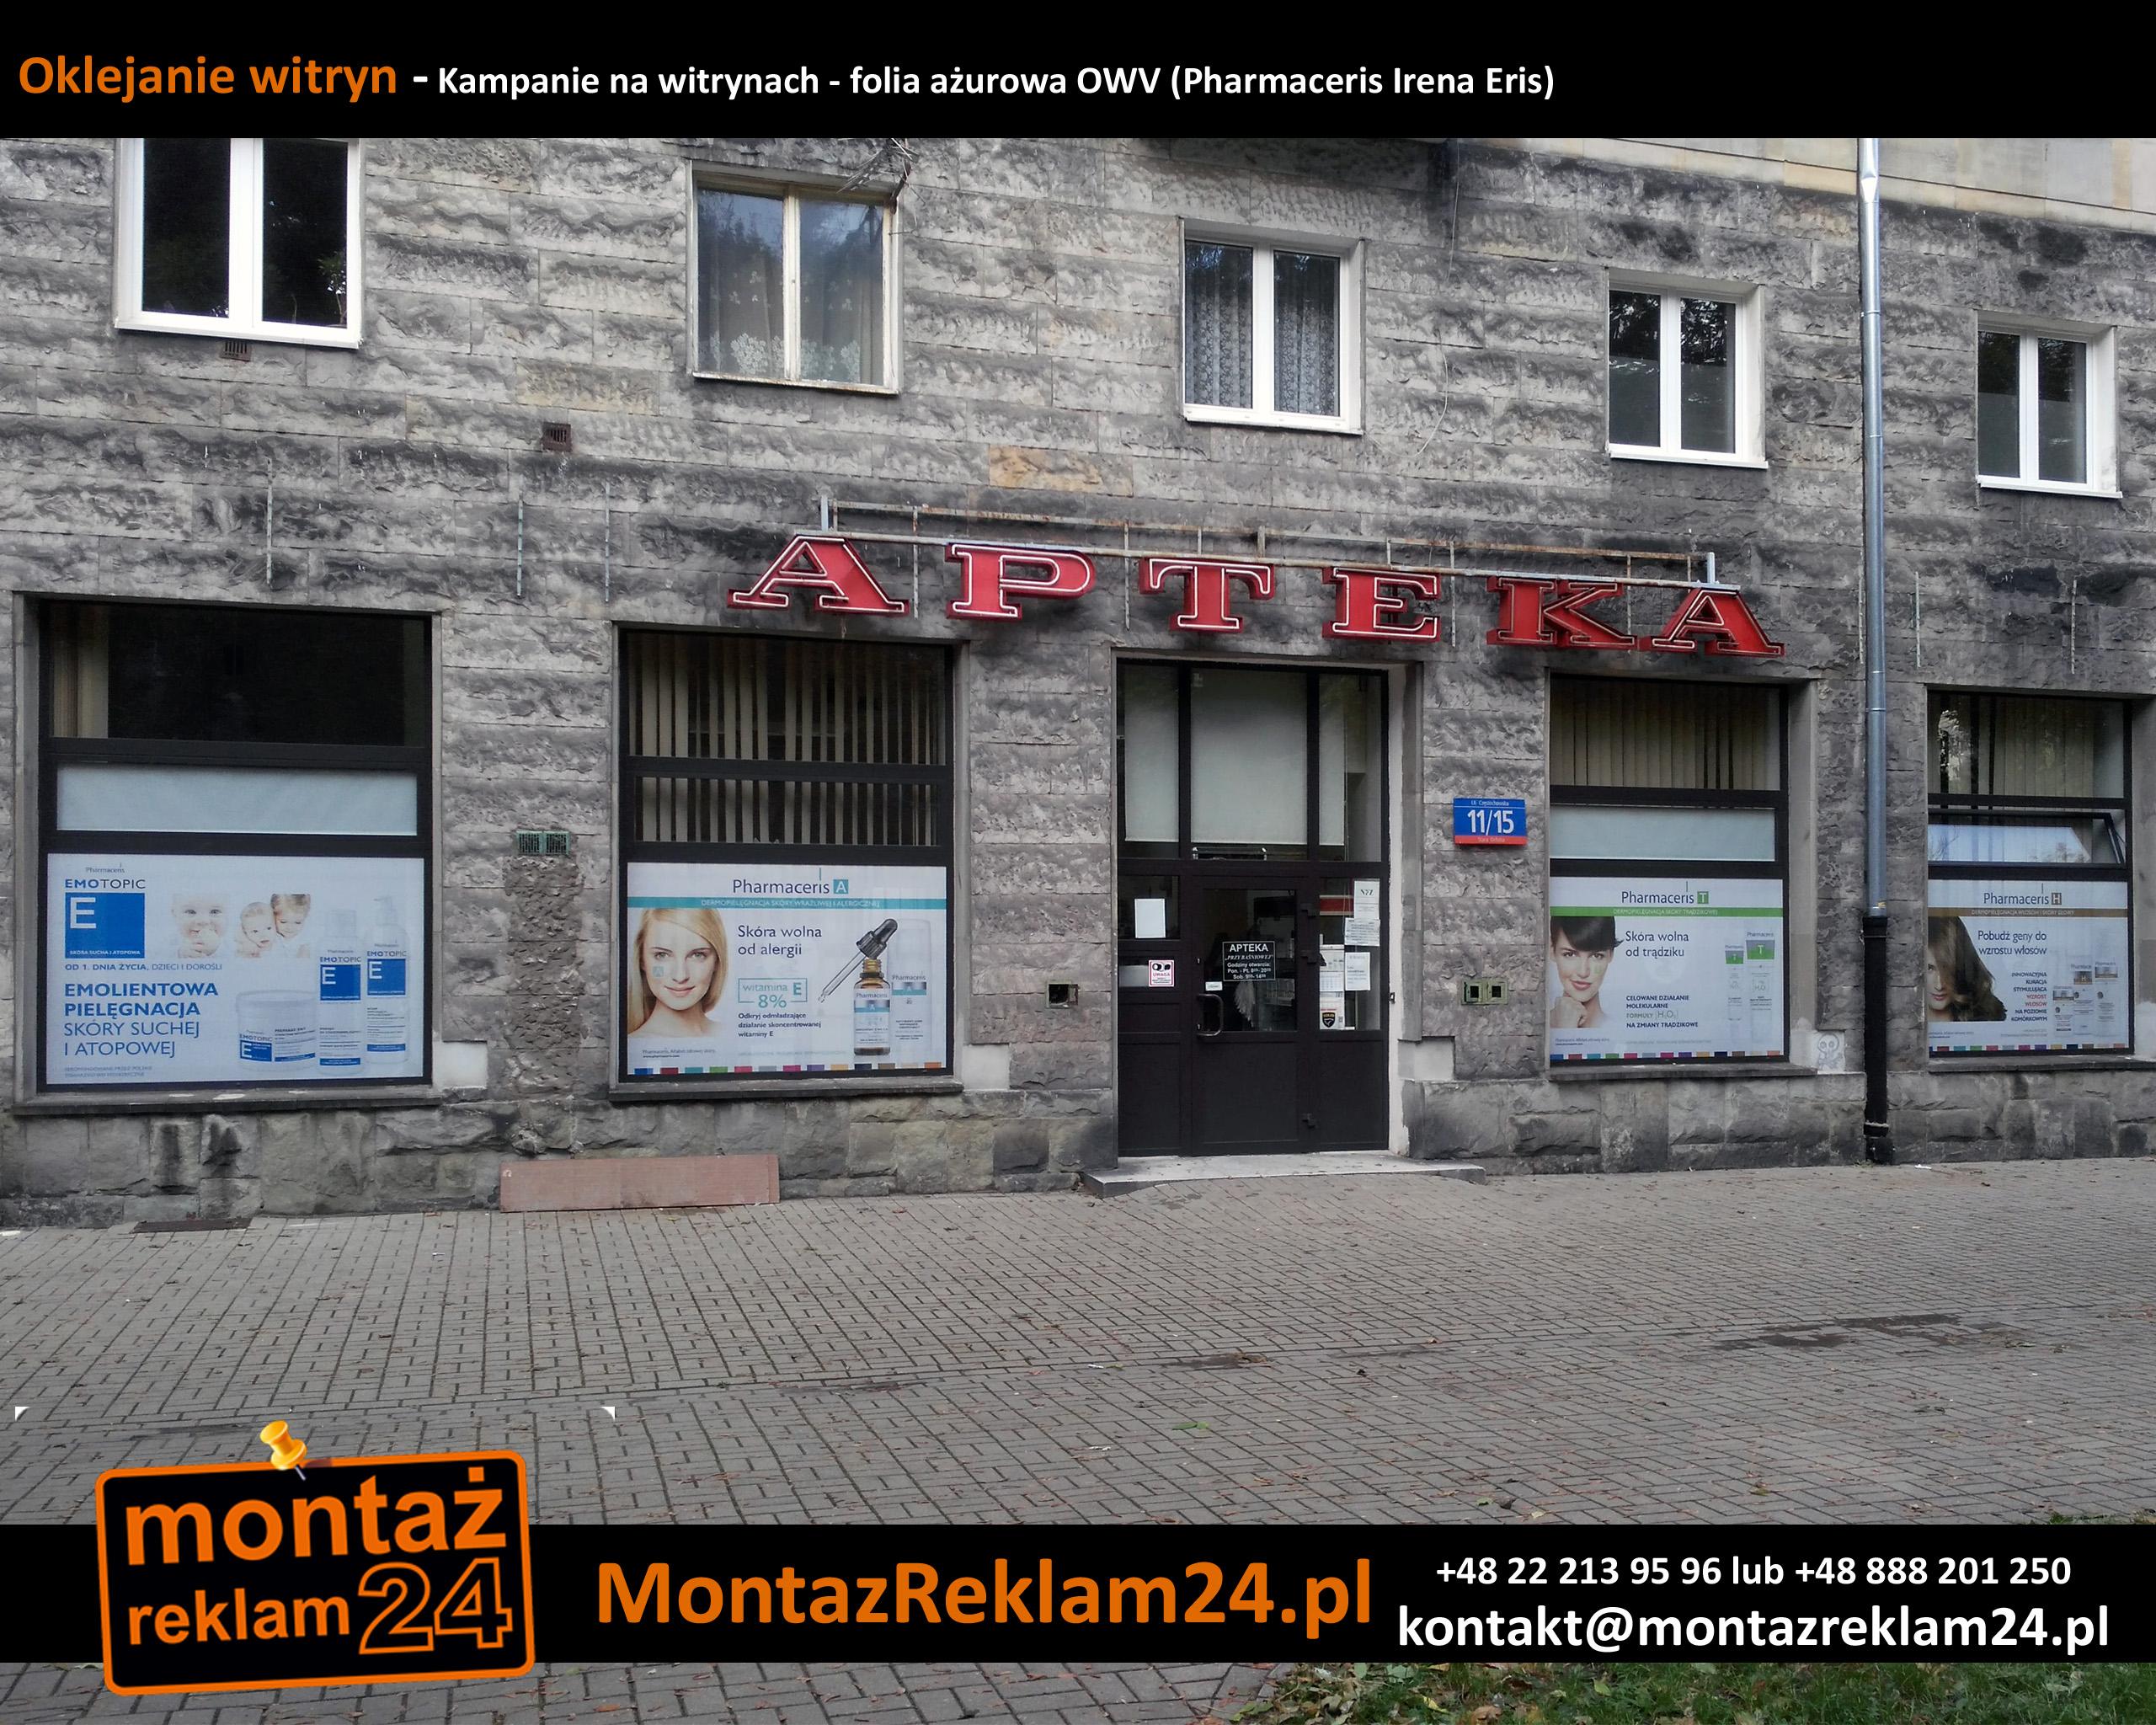 Oklejanie witryn - Kampanie na witrynach - folia ażurowa OWV (Pharmaceris Irena Eris).jpg